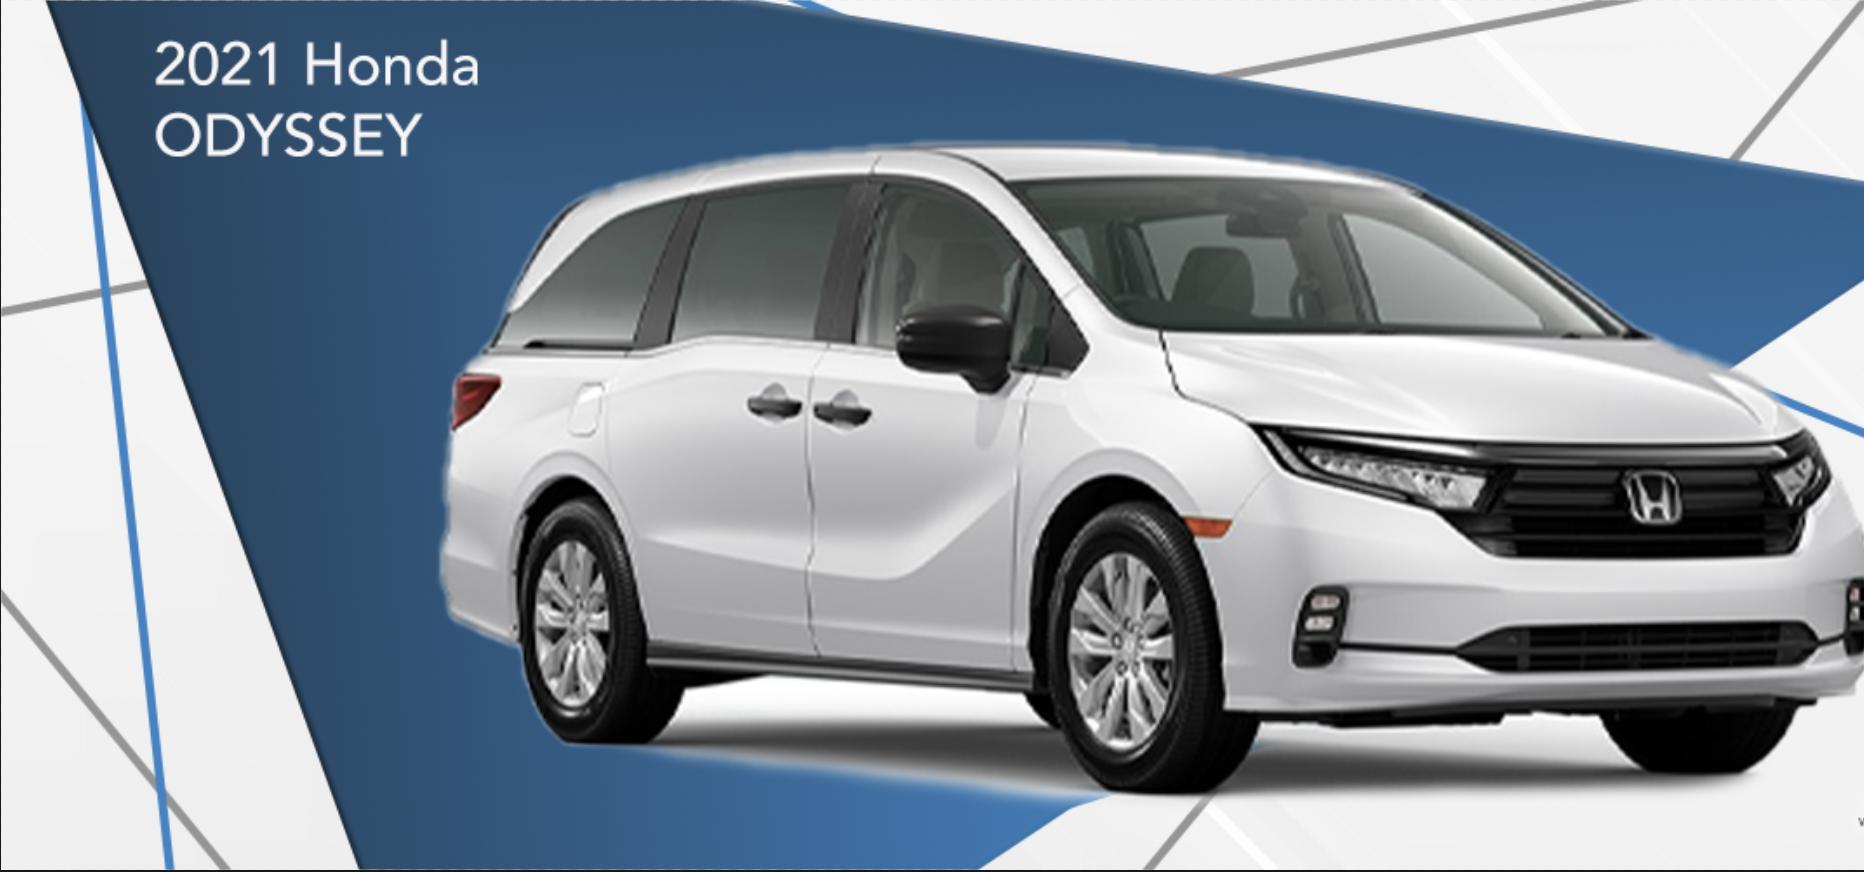 2021 Honda Odyssey Special APR